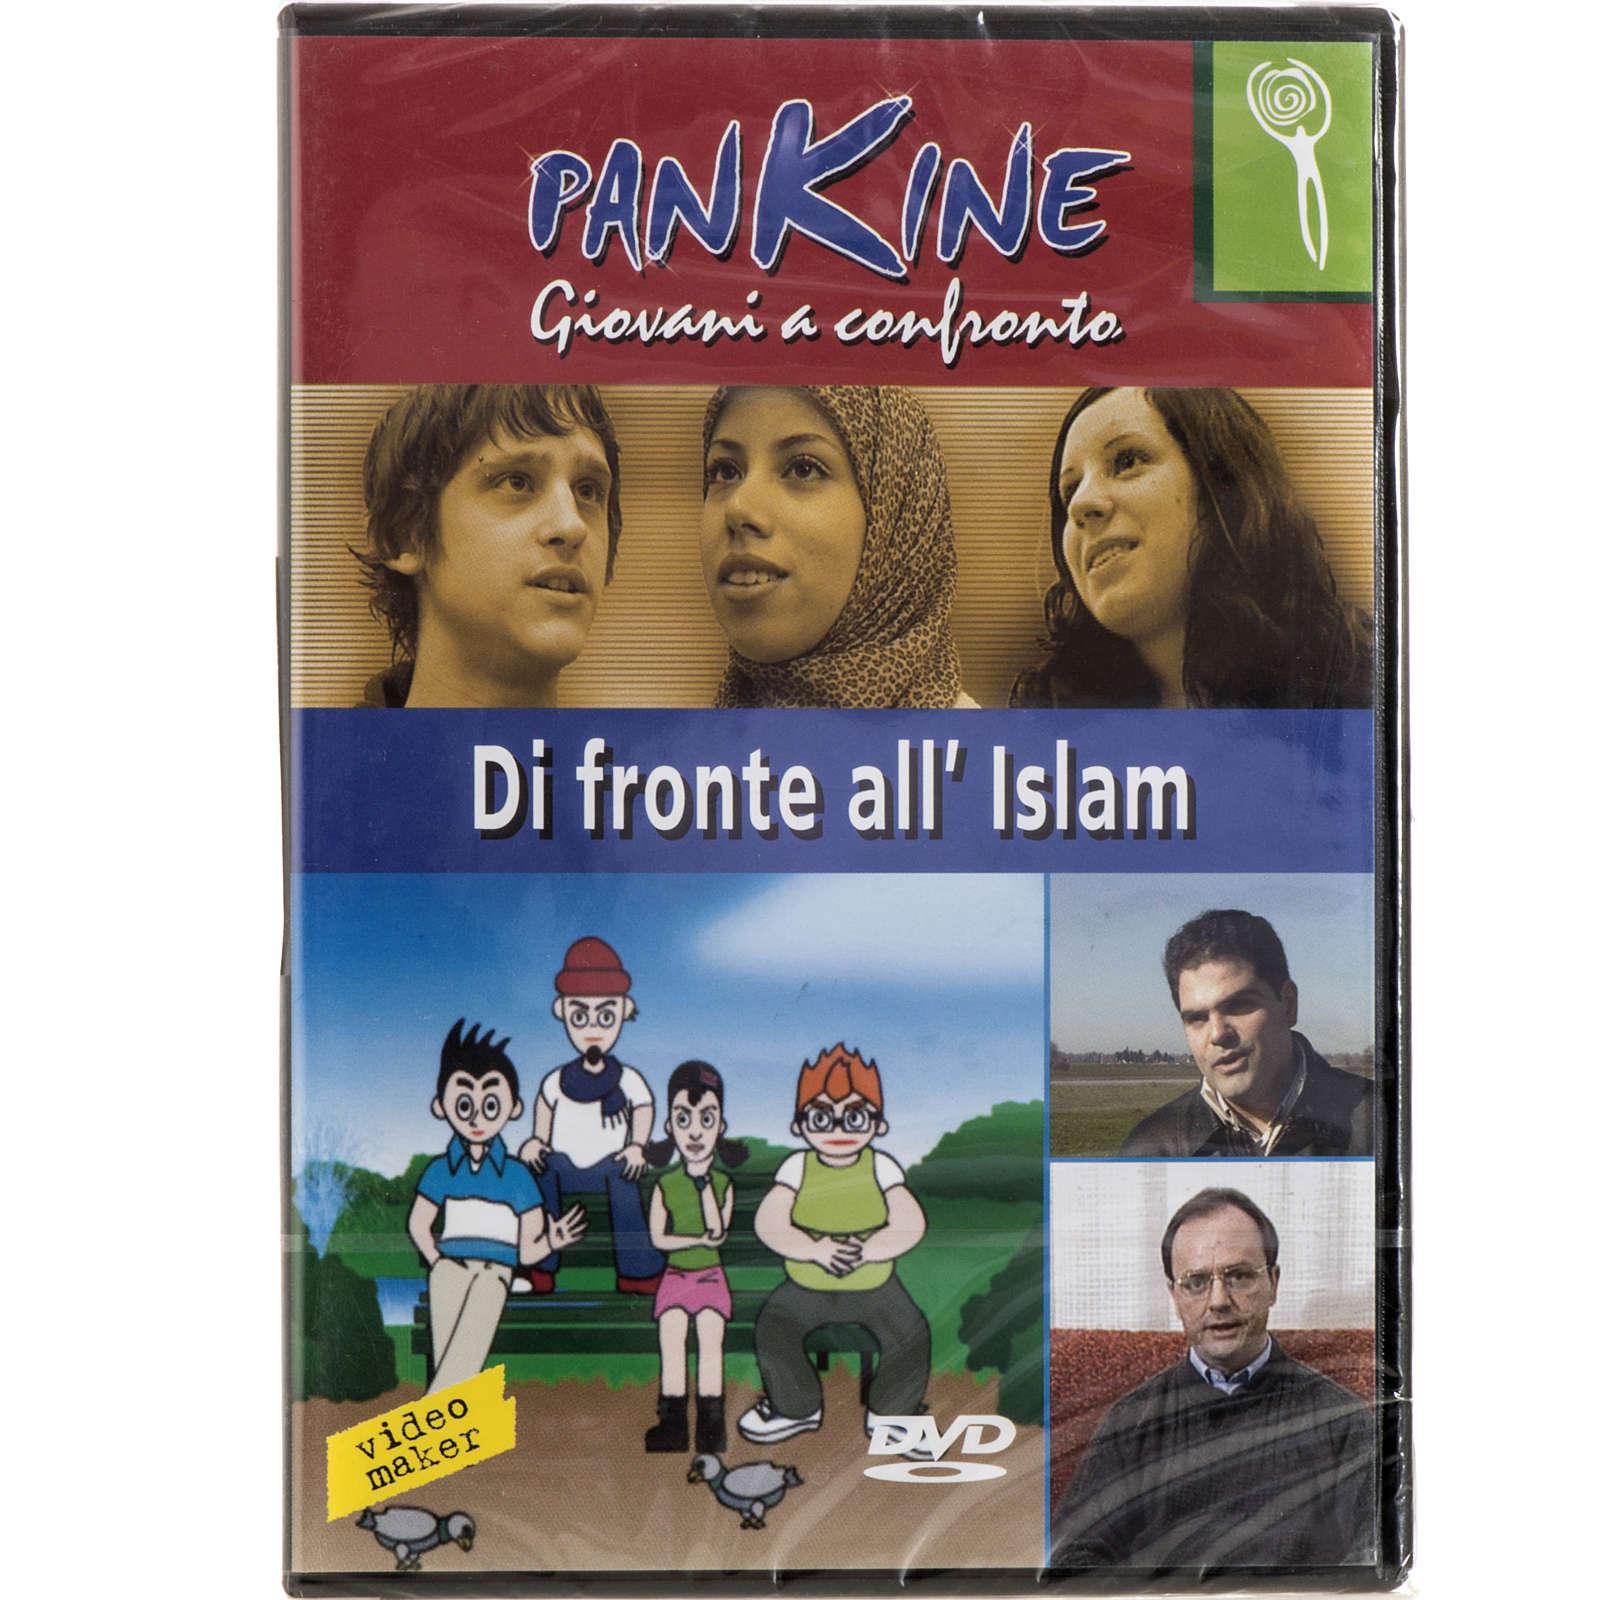 Di fronte all'Islam 3